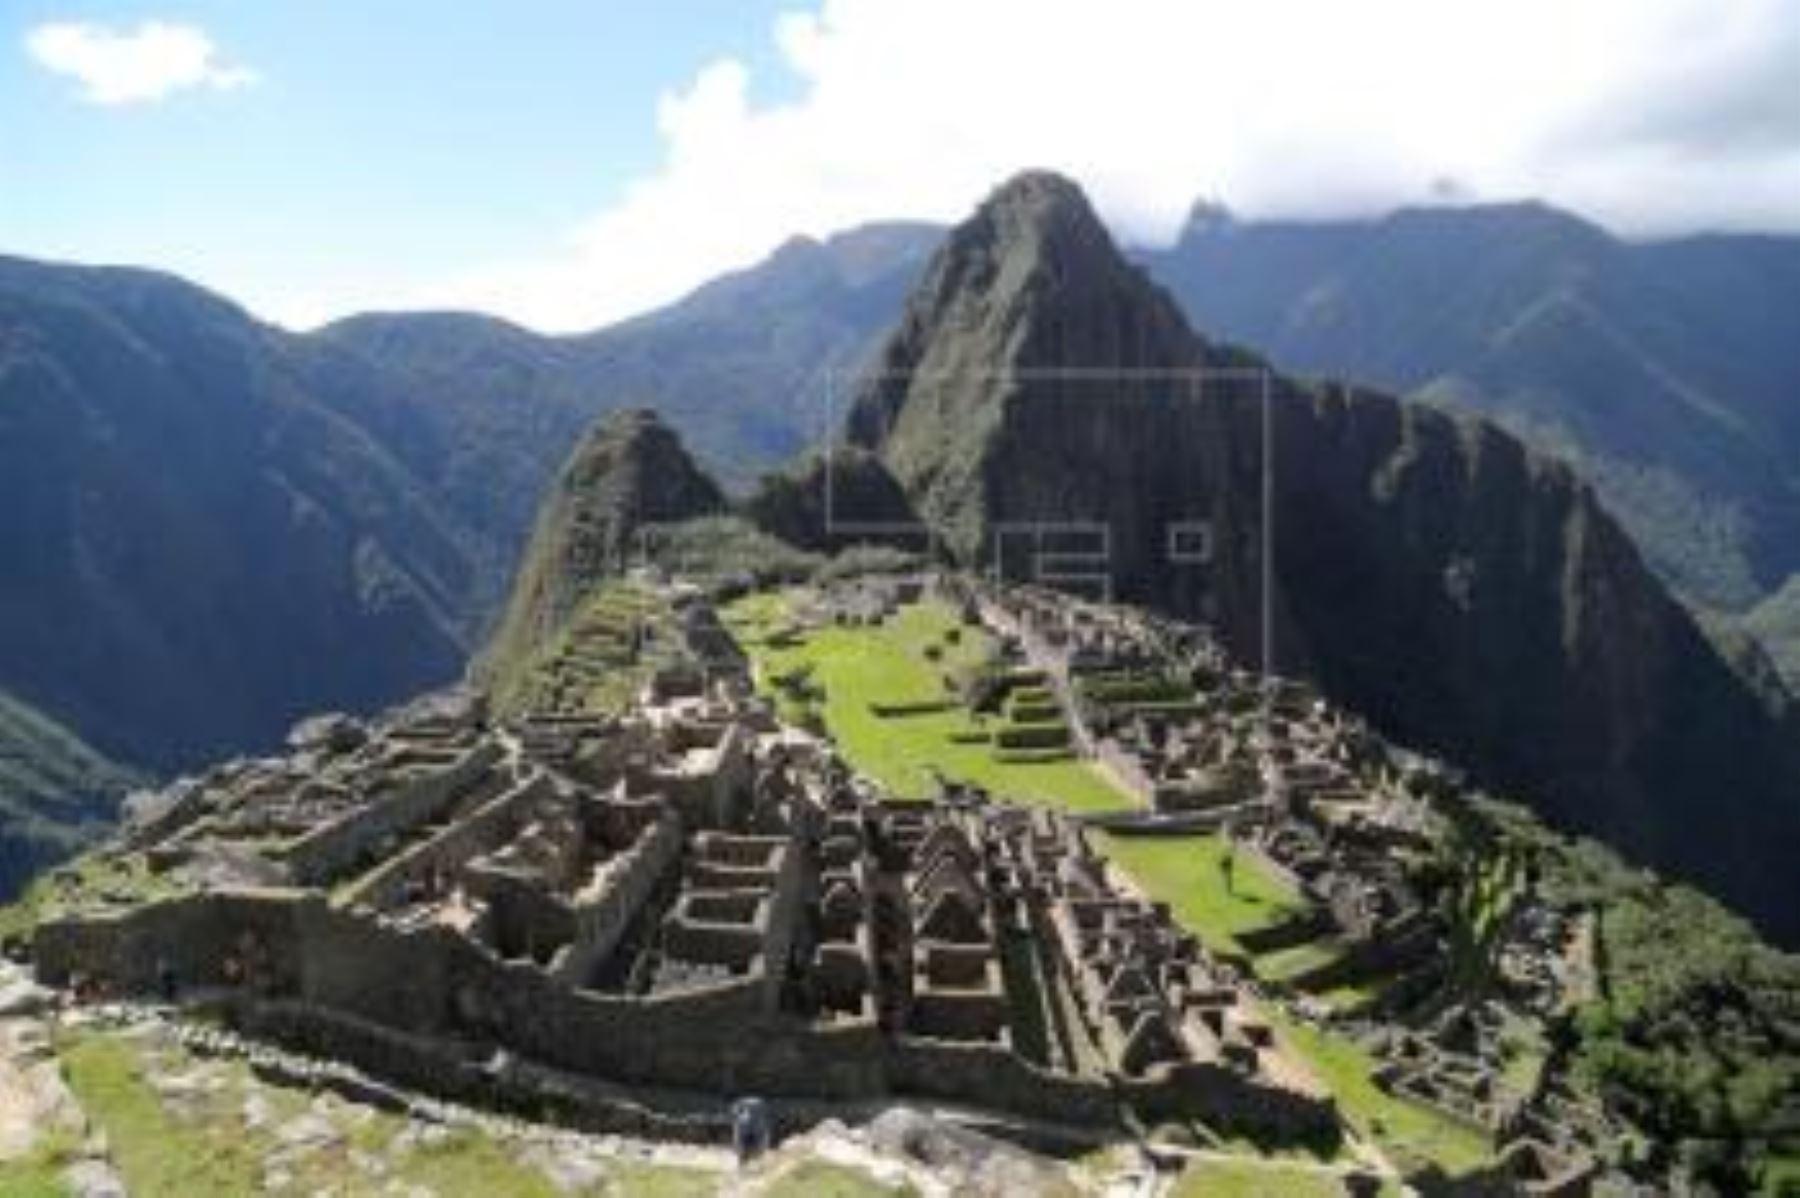 Promoverán la Marca Machu Picchu en Estados Unidos. Foto: Efe.